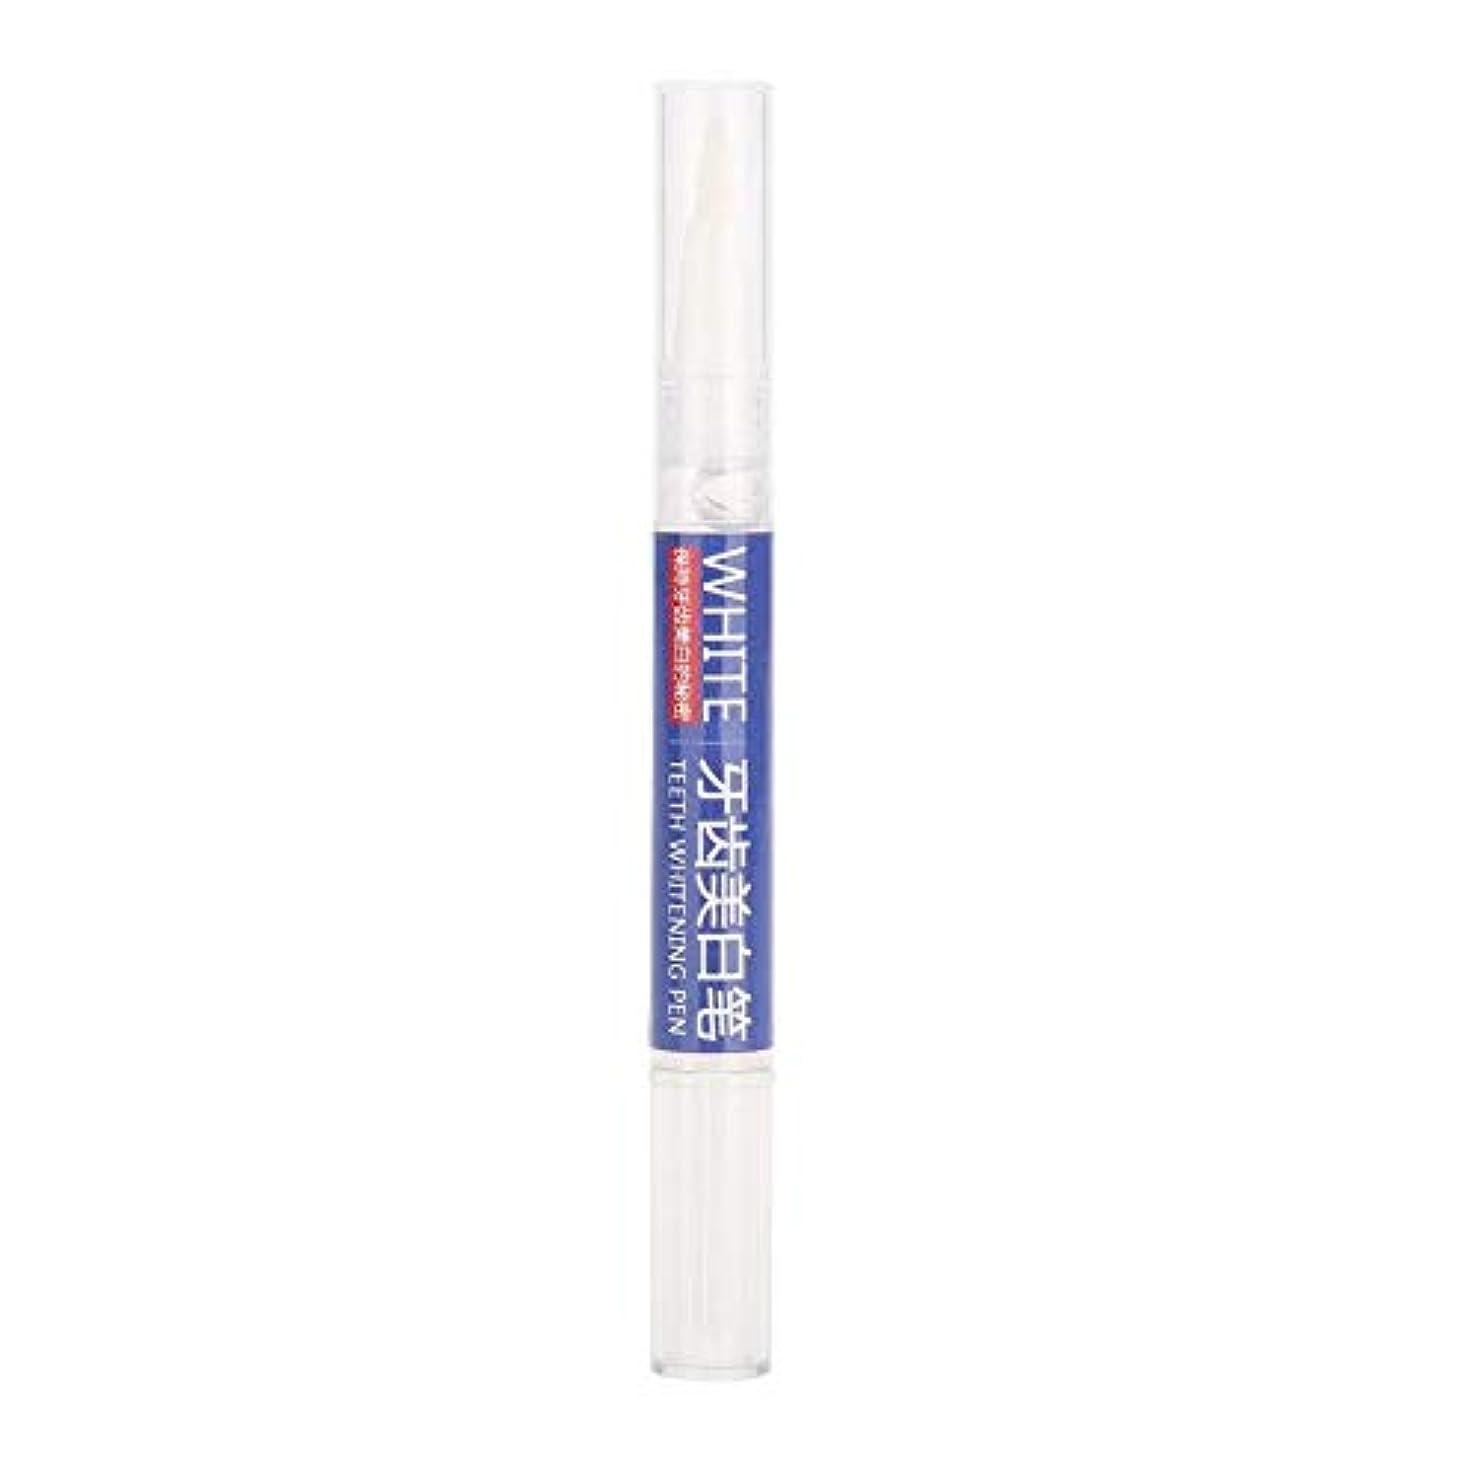 子羊スキップ疲労ホワイトニングトゥースペン3mlイエロートゥースシガレット汚れ除去ホワイトニングホワイトニングトゥースジェルペン